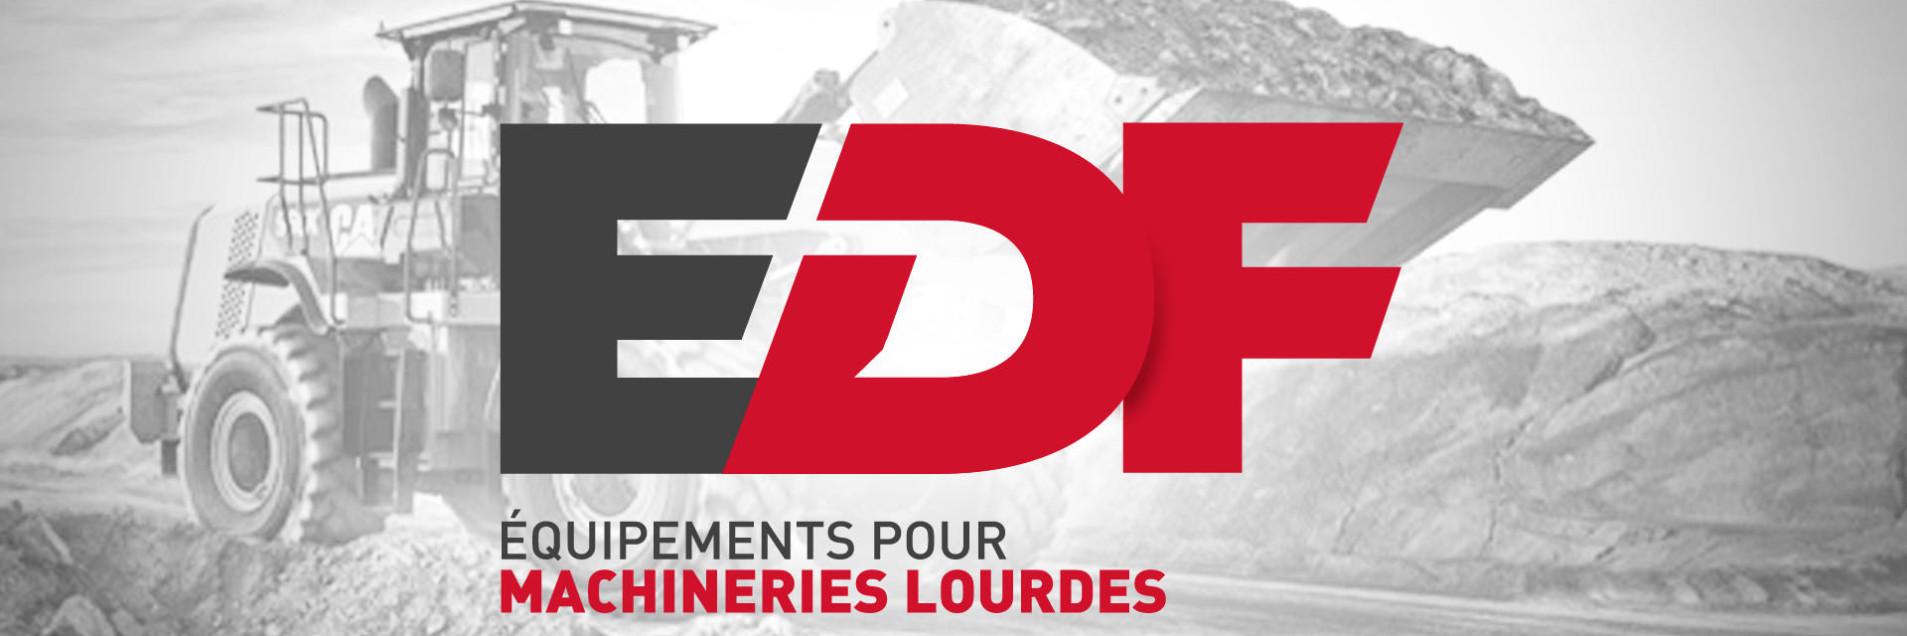 EDF-equipements-pour-machineries-lourdes-top